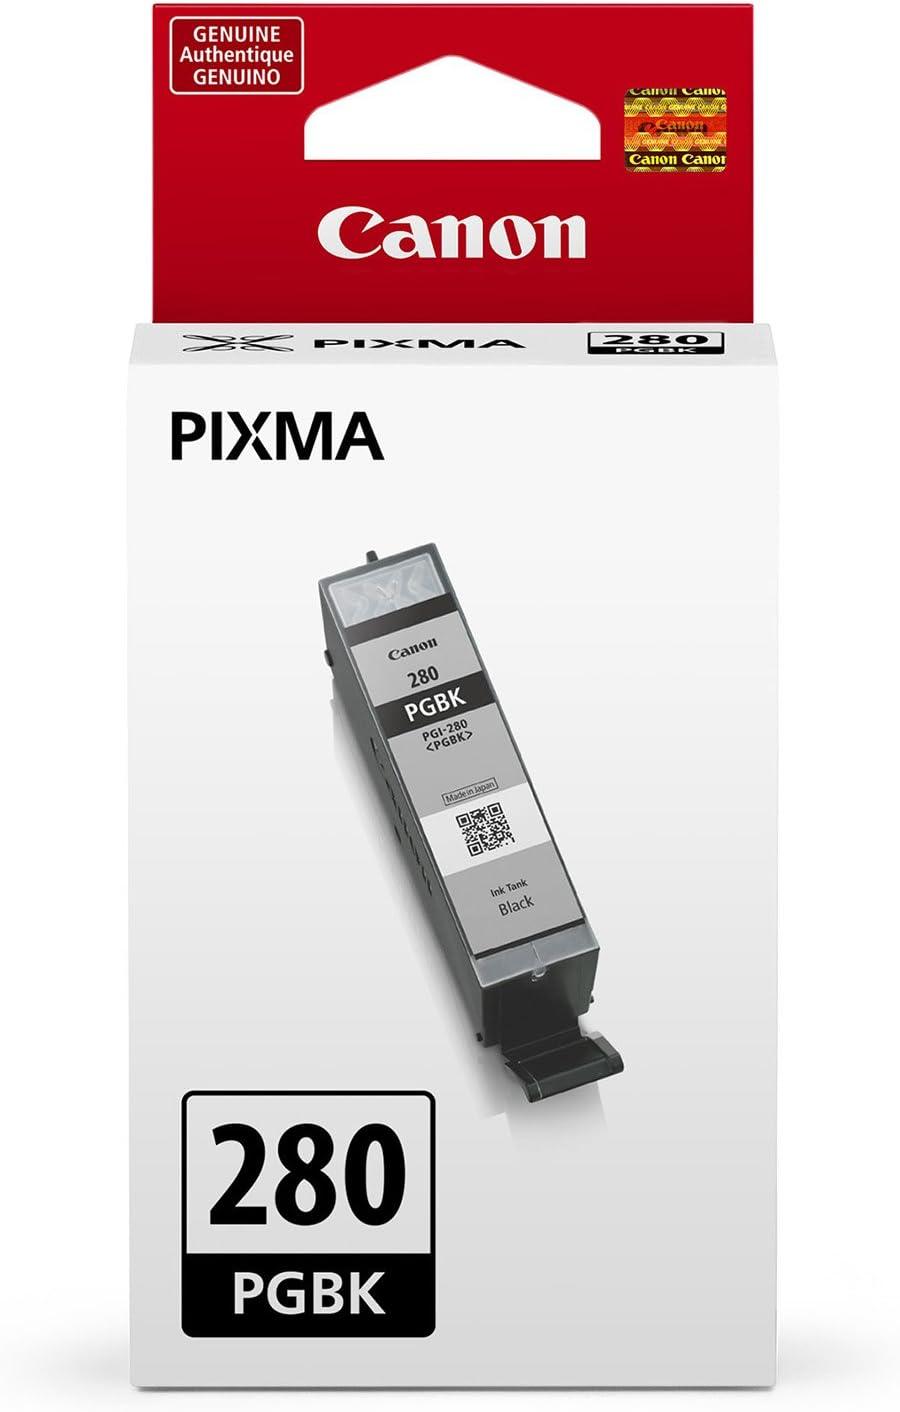 Canon PGI-280 Pigment Black Ink, Compatible to TS9120, TS8120, TS6120, TR8520 and TR7520 Wireless Printer